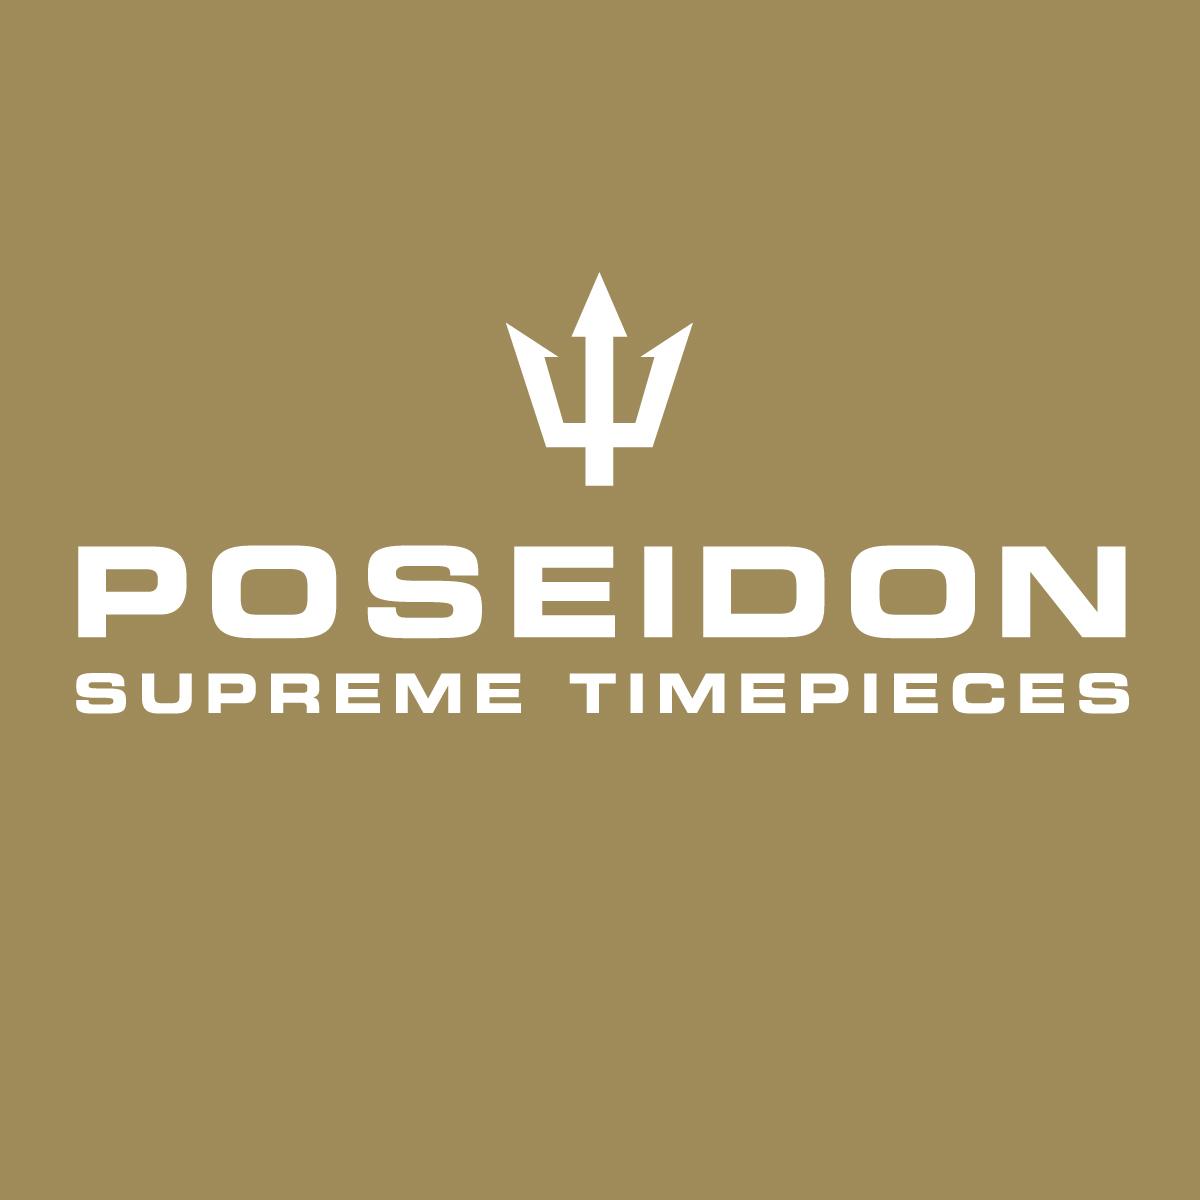 Poseidon-Logo-06-CMYK.jpg